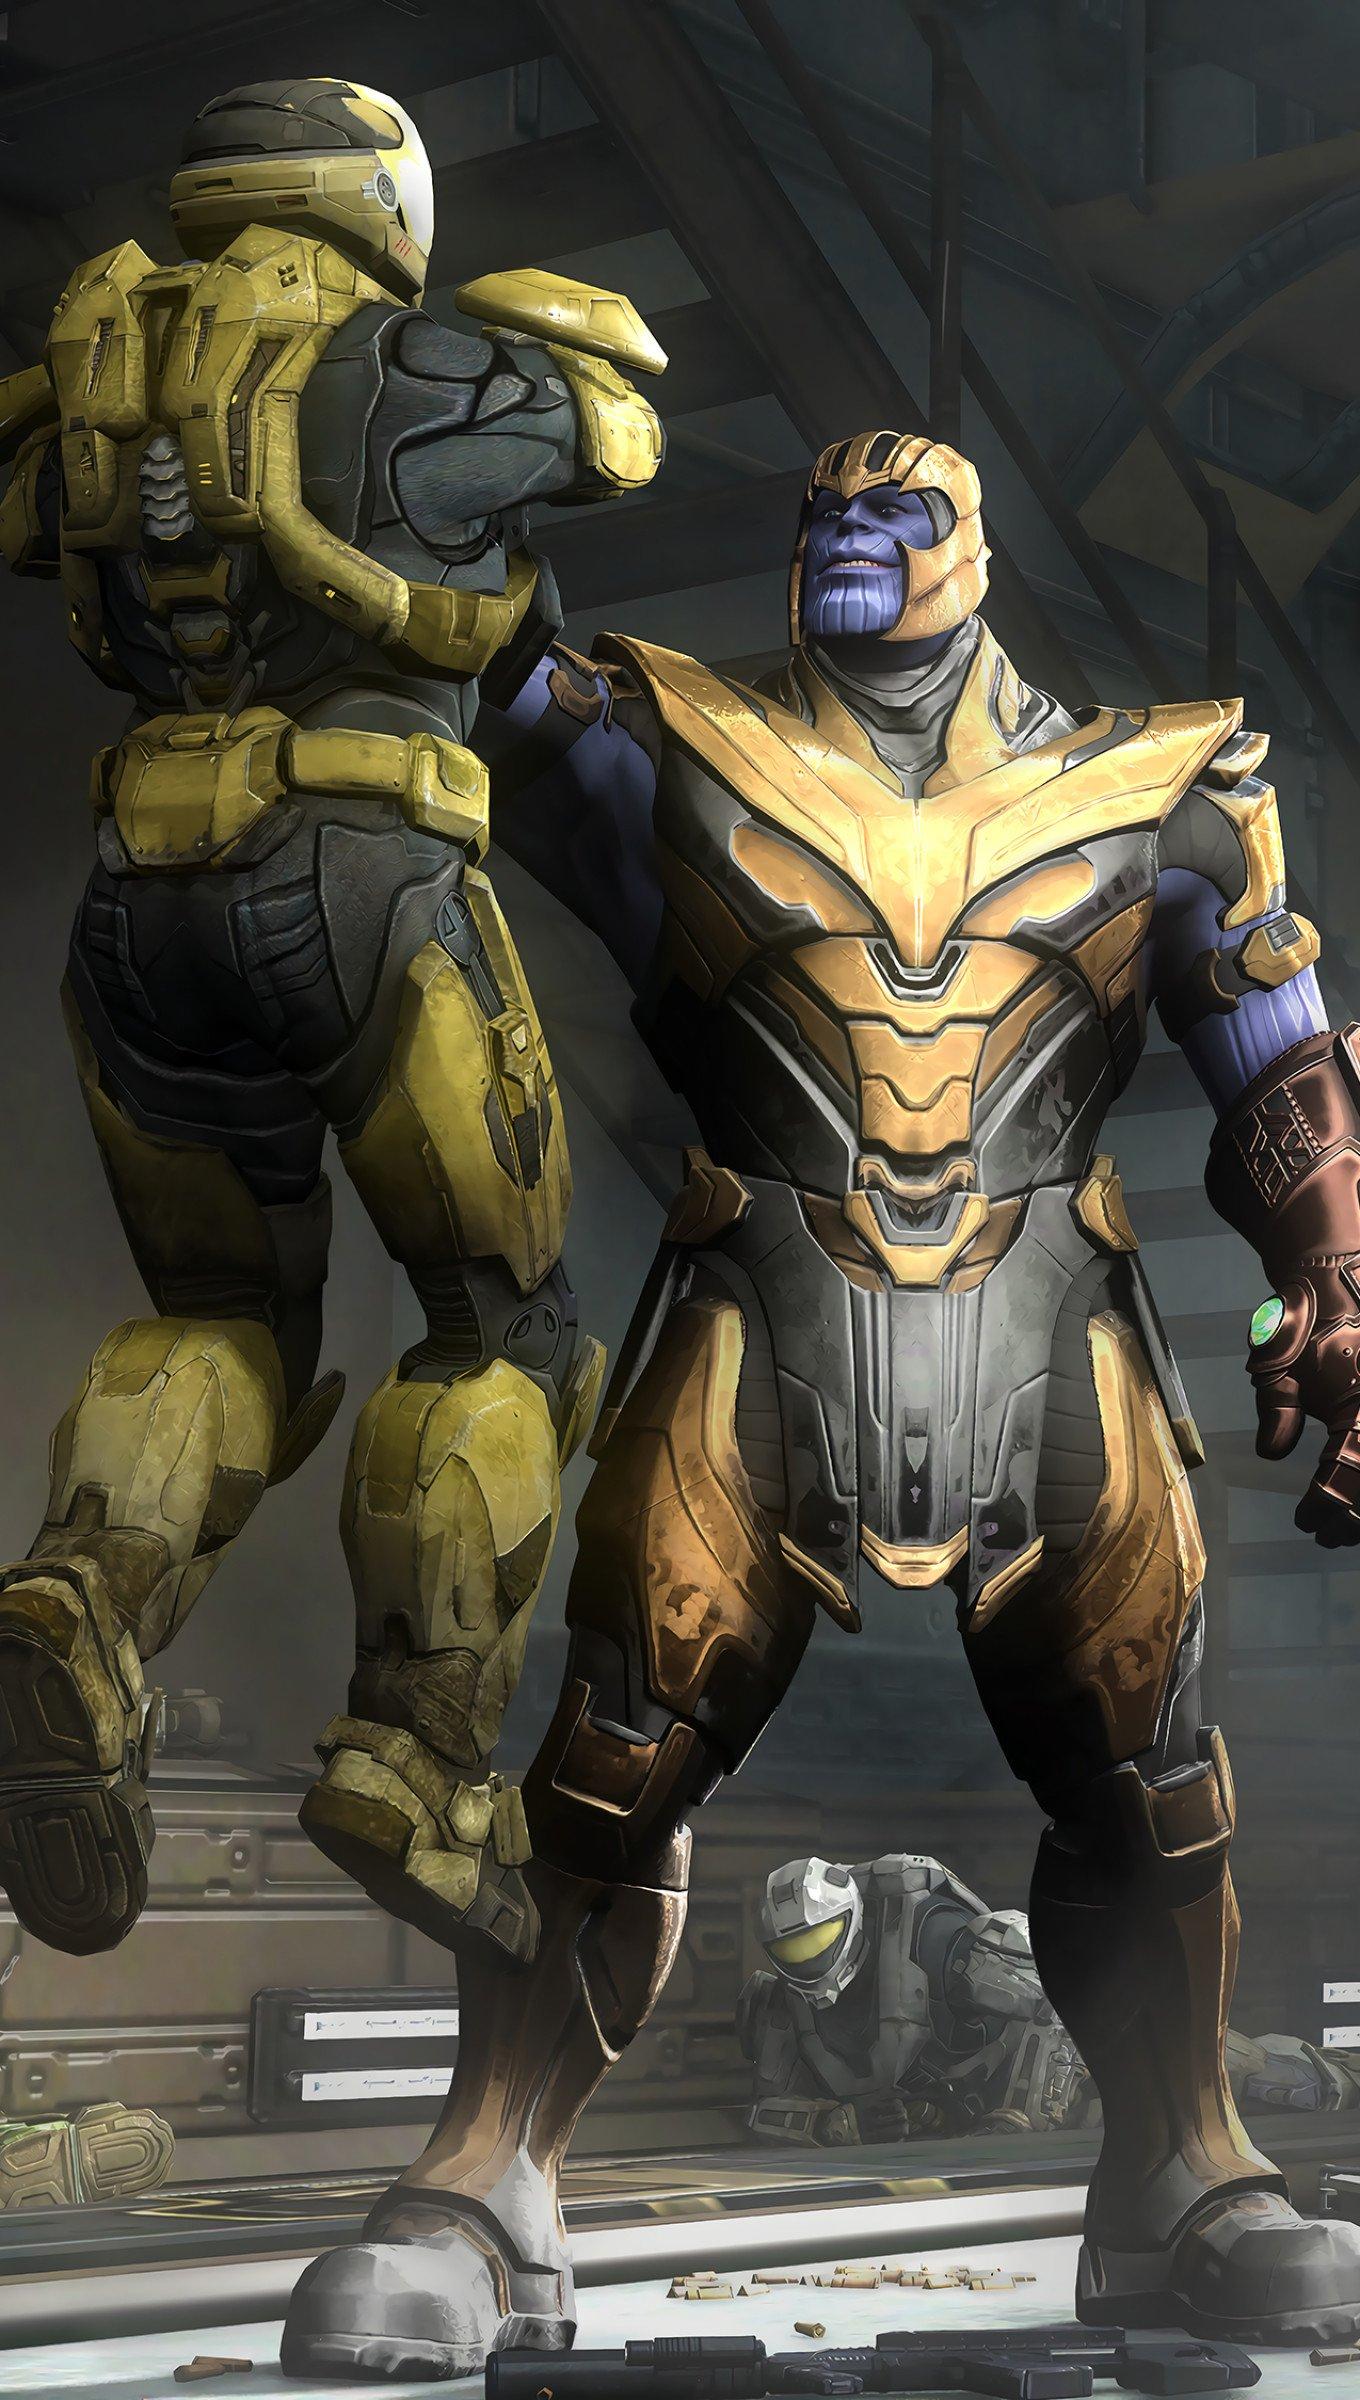 Wallpaper Thanos and Halo Spartan Vertical